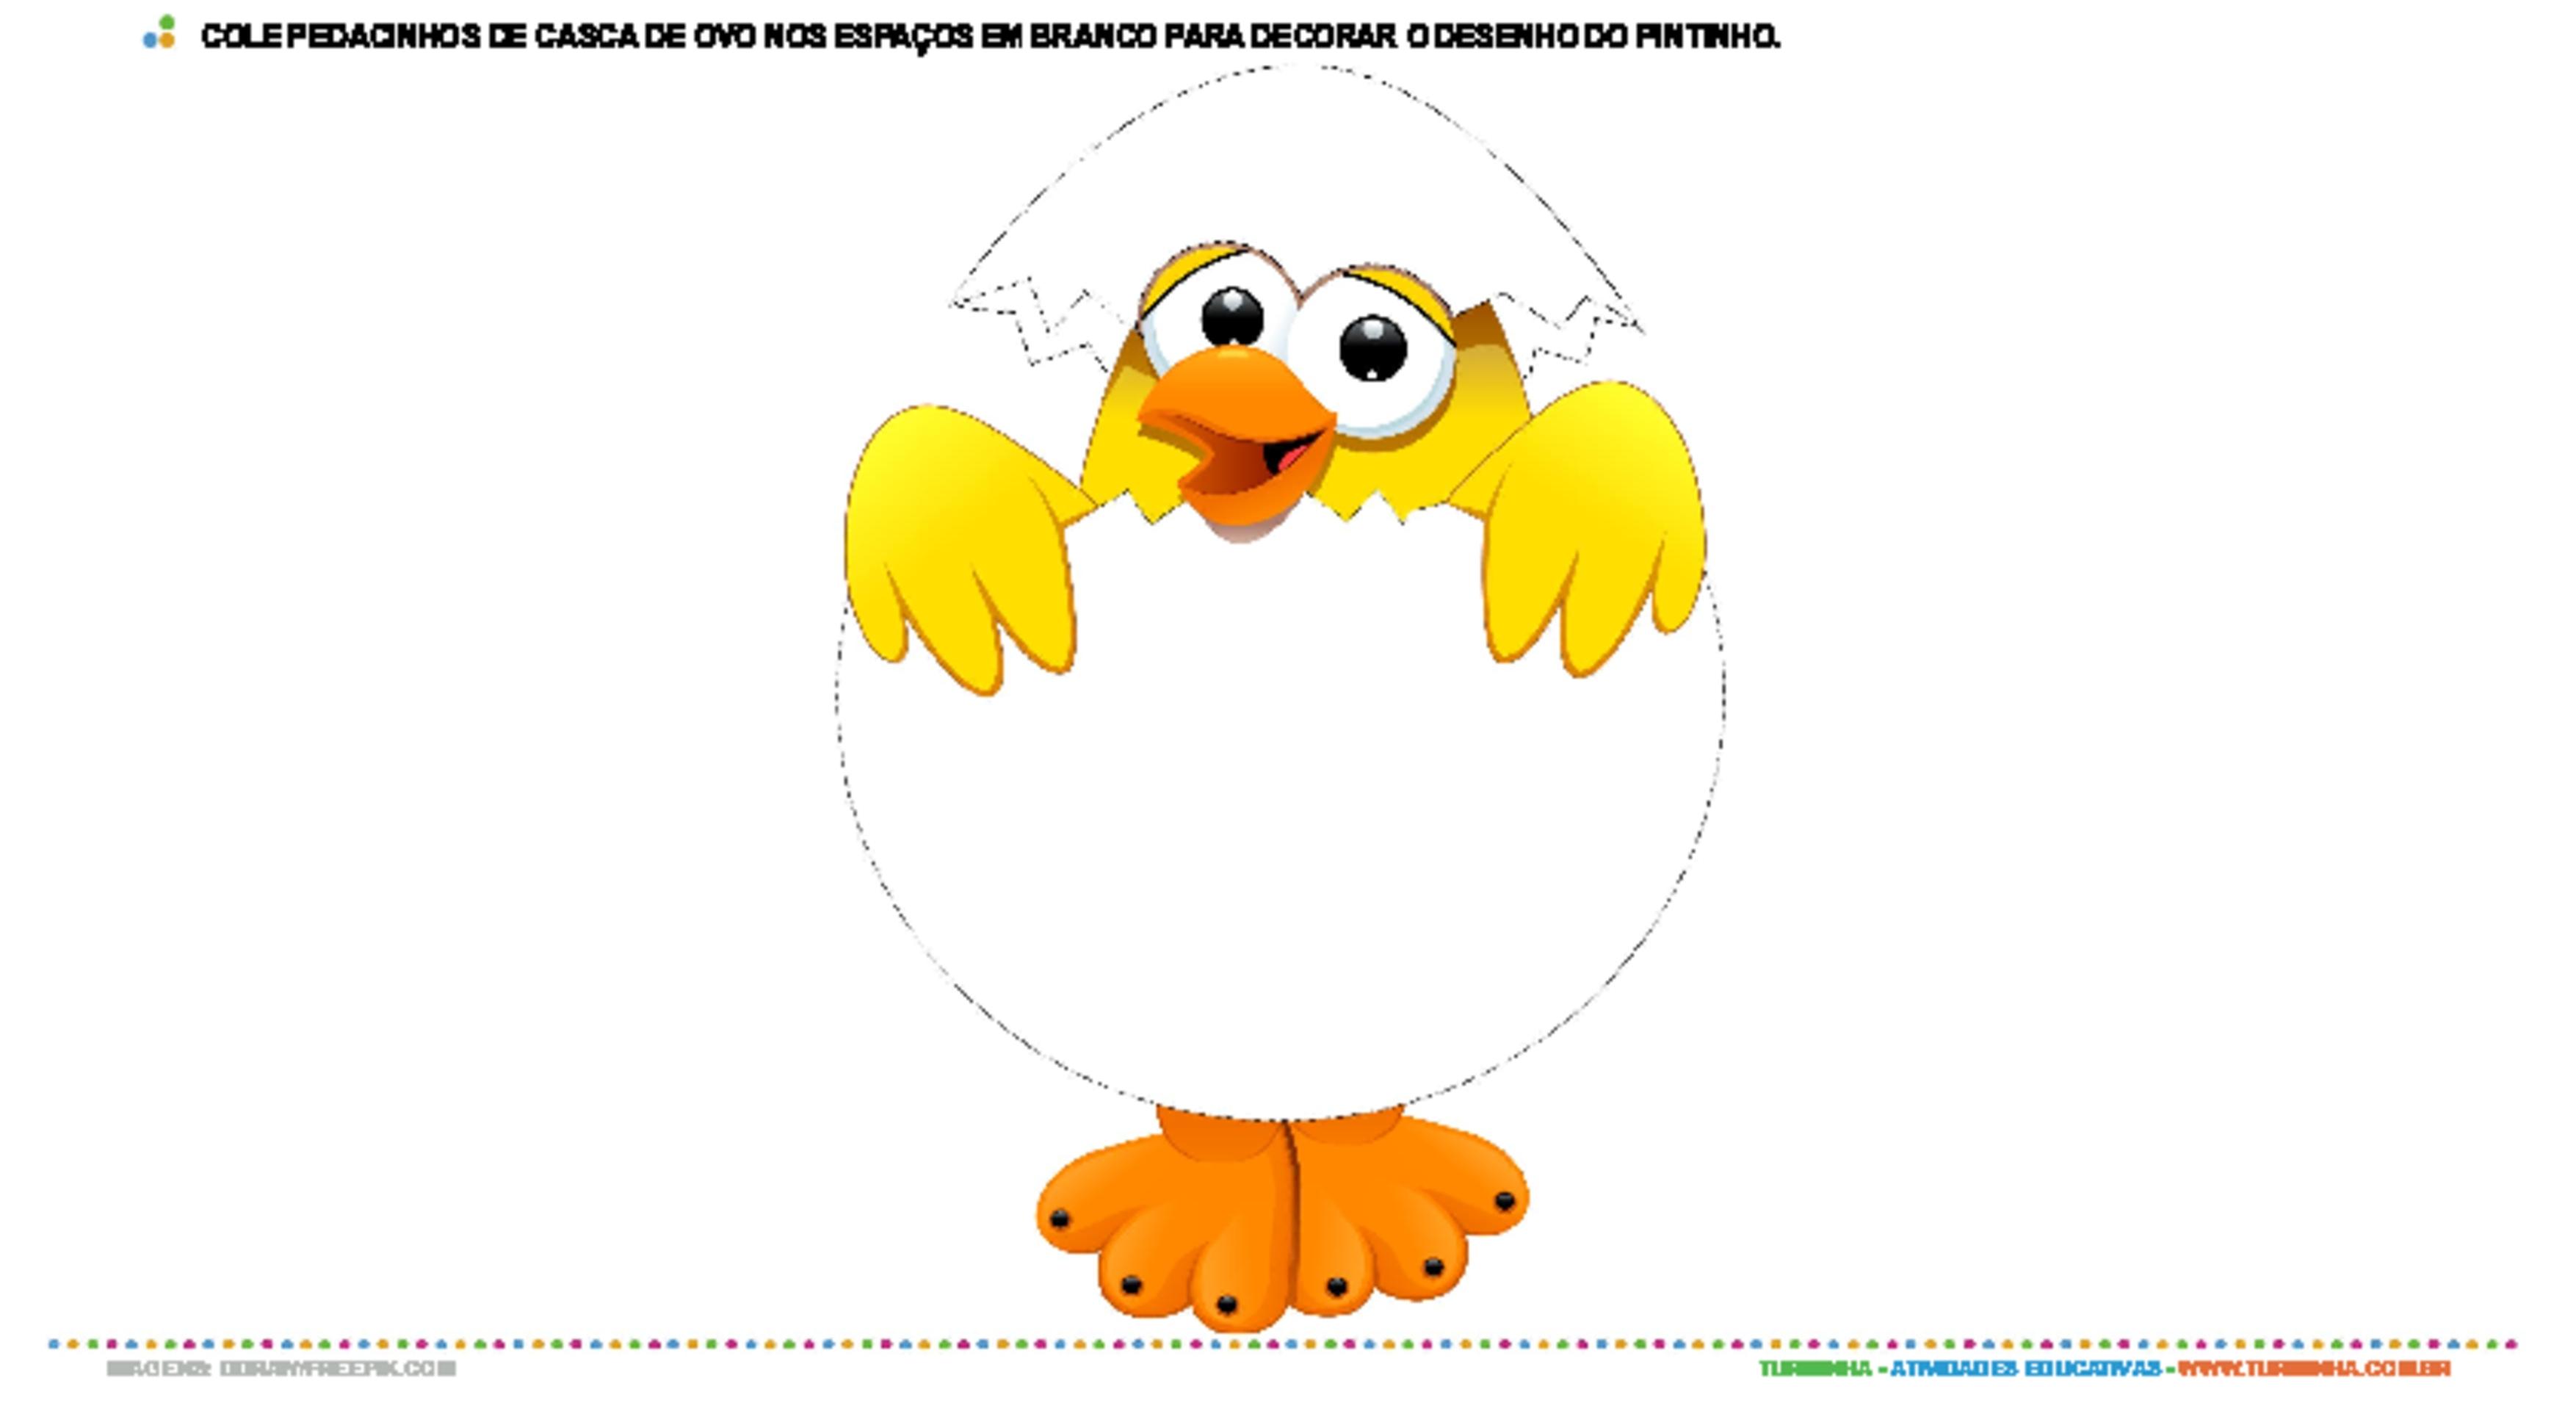 Colagem com casca de ovo - pintinho - atividade educativa para Creche (0 a 3 anos)